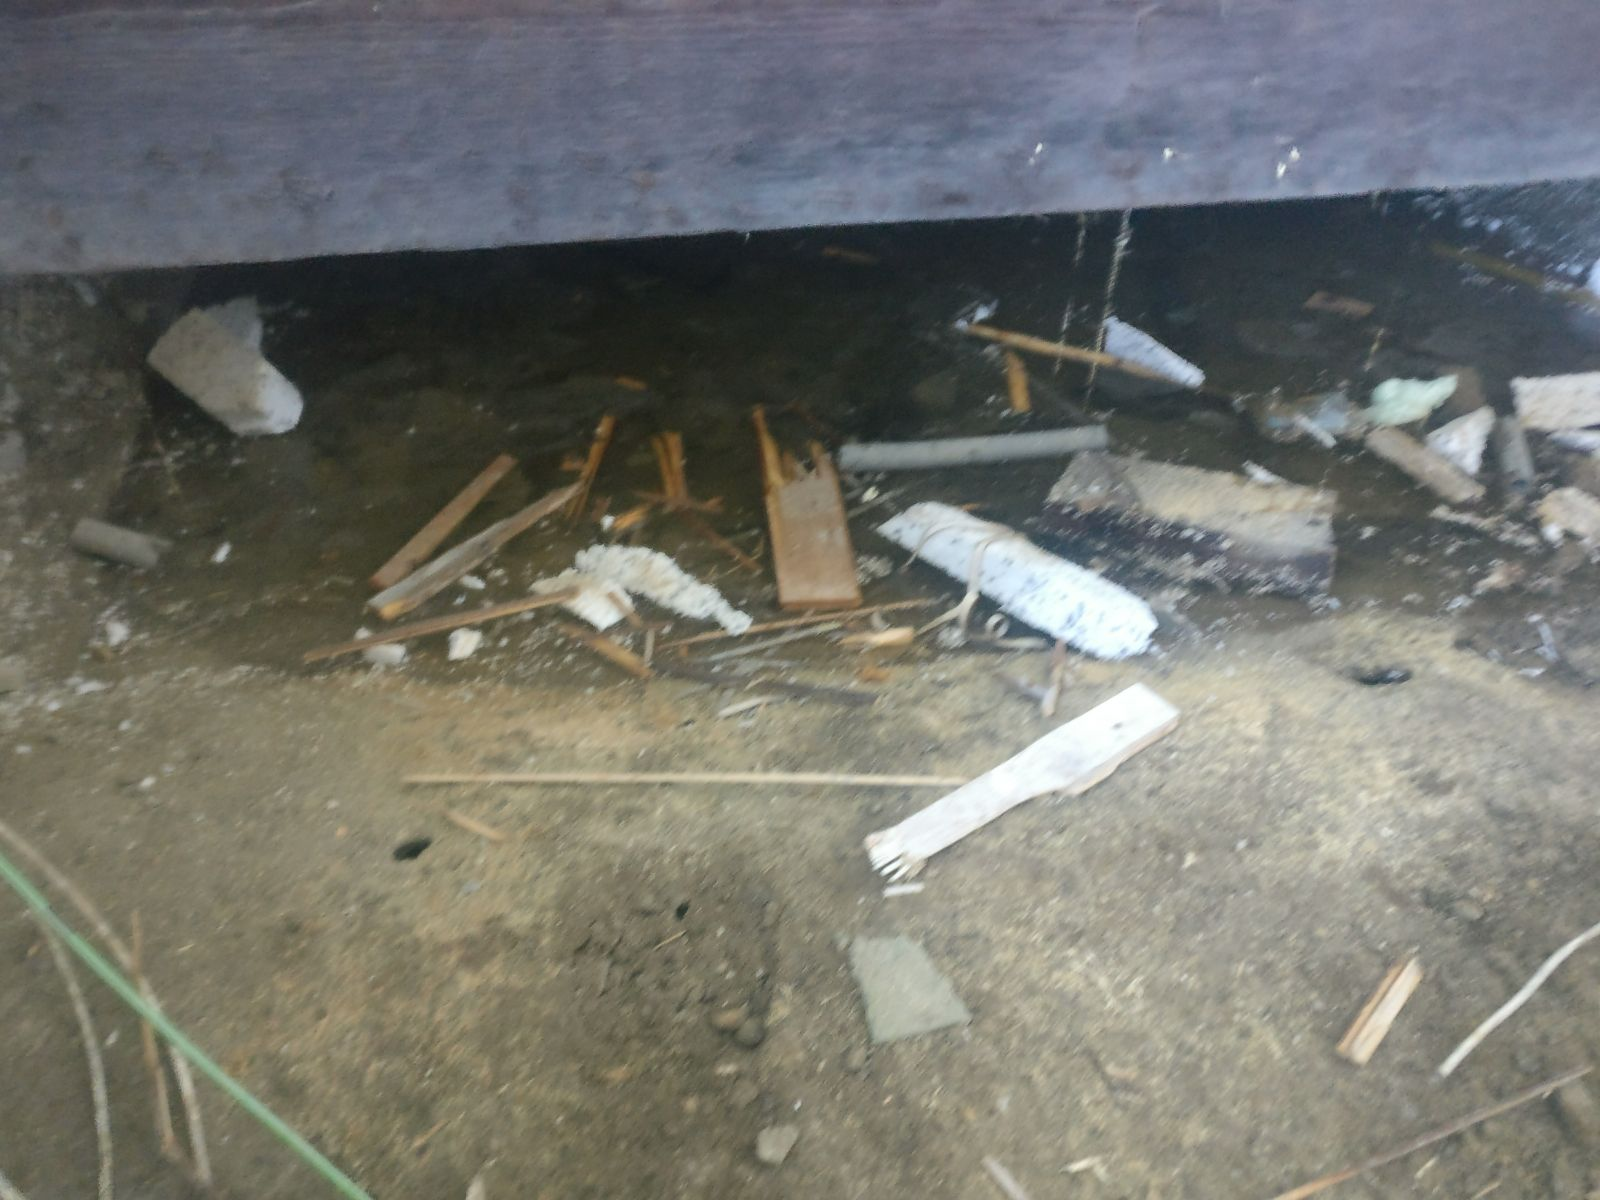 Voorkom ongedierte met een schone kruipruimte hoekstra